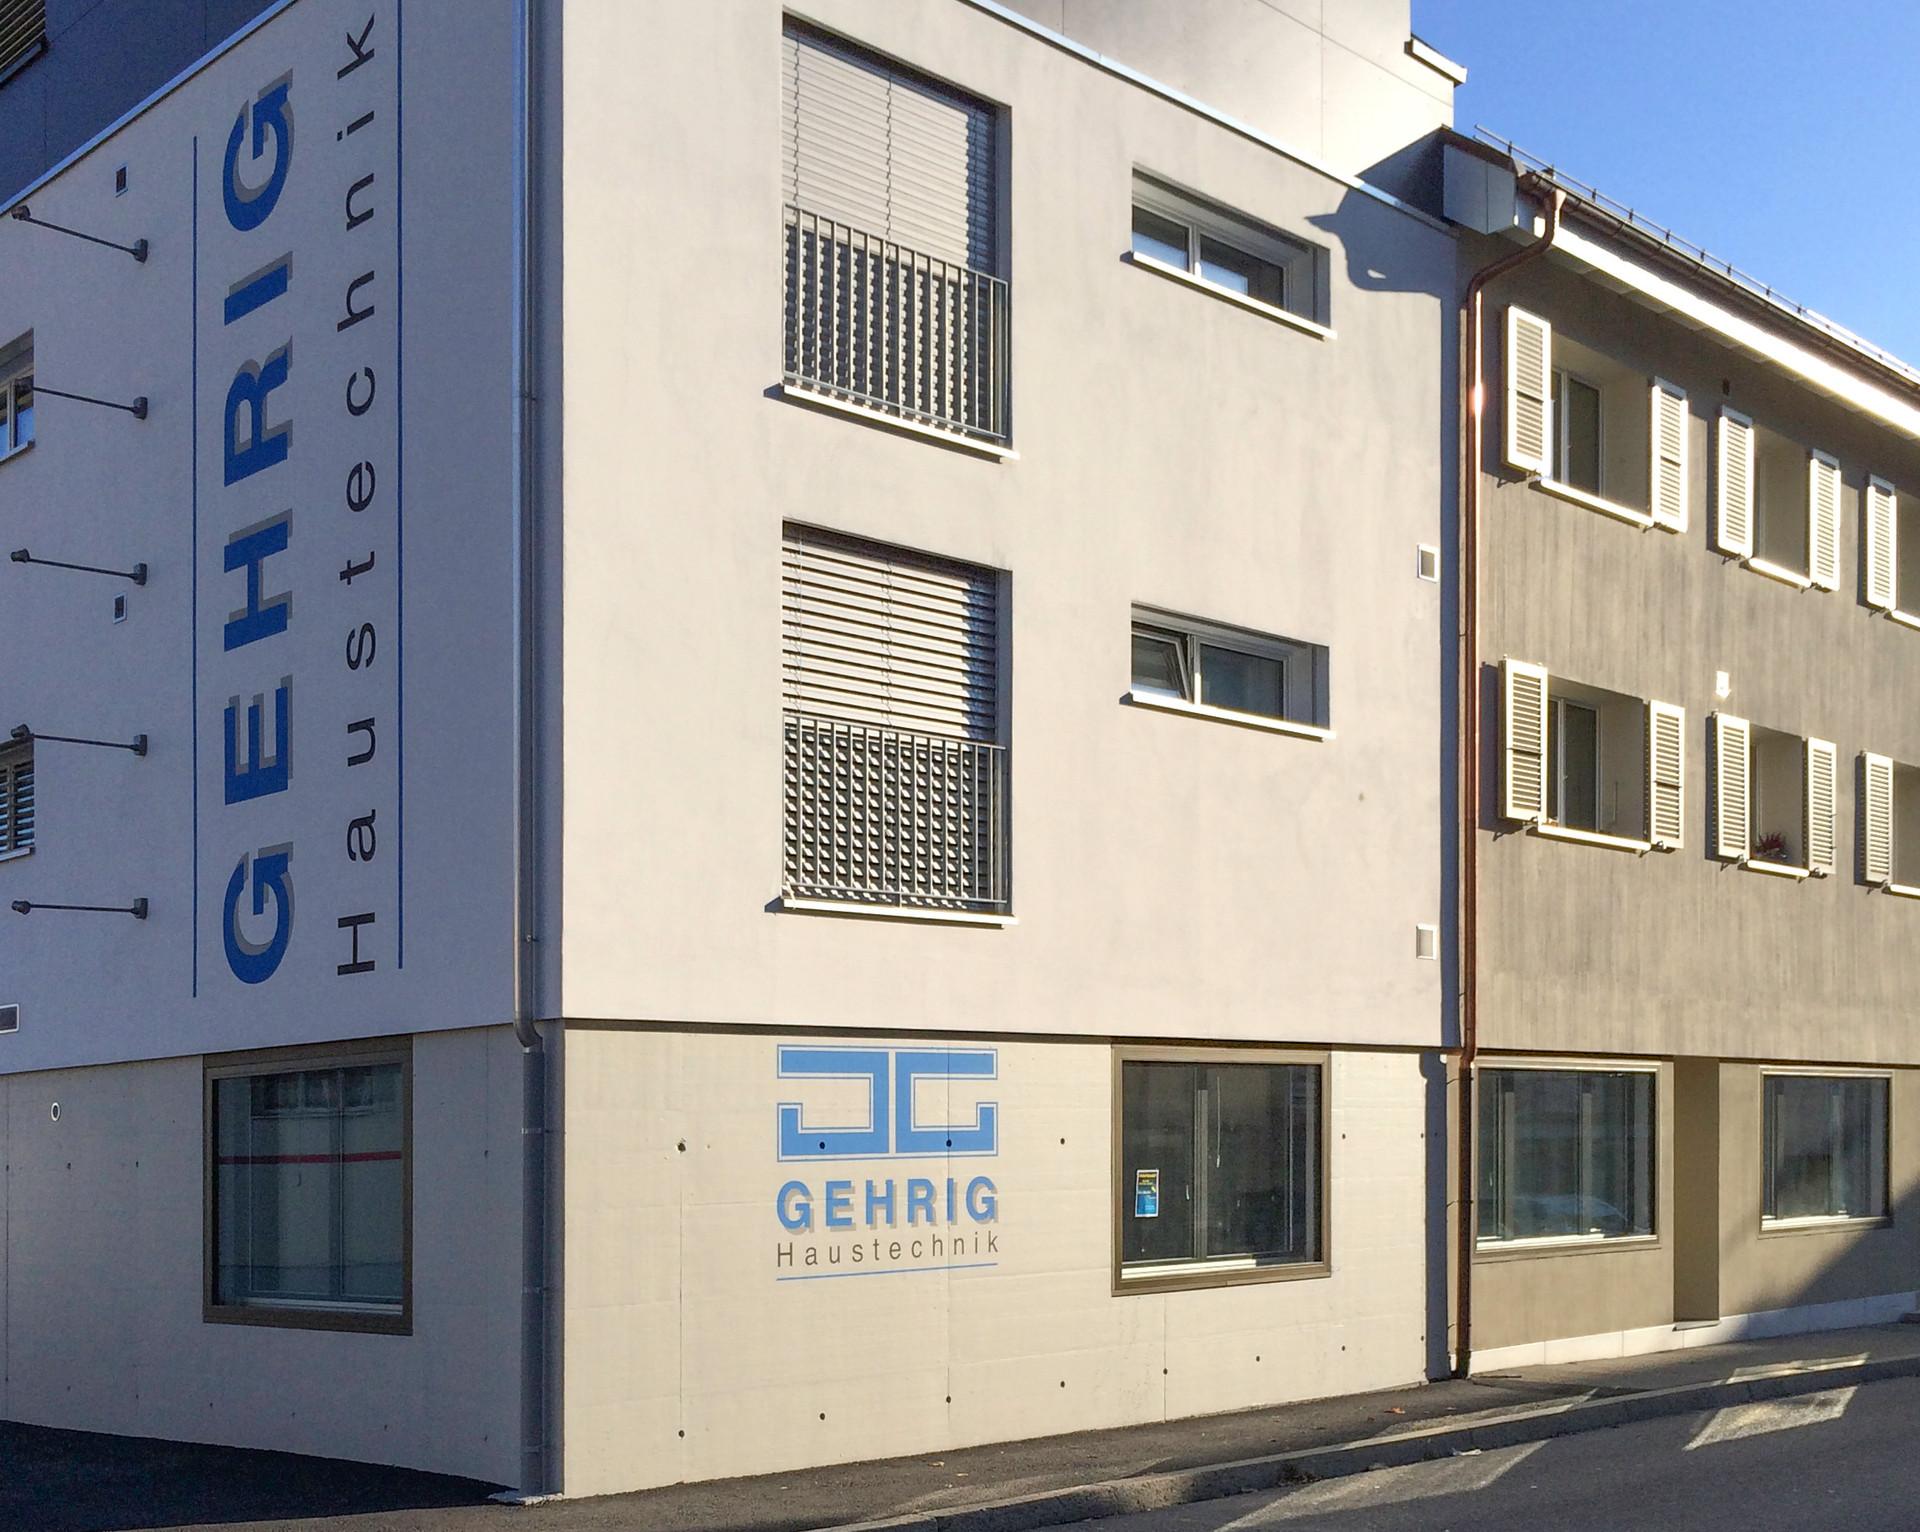 Farbkonzept Fassaden, Sanierung & Neubau, Aarburg 2013